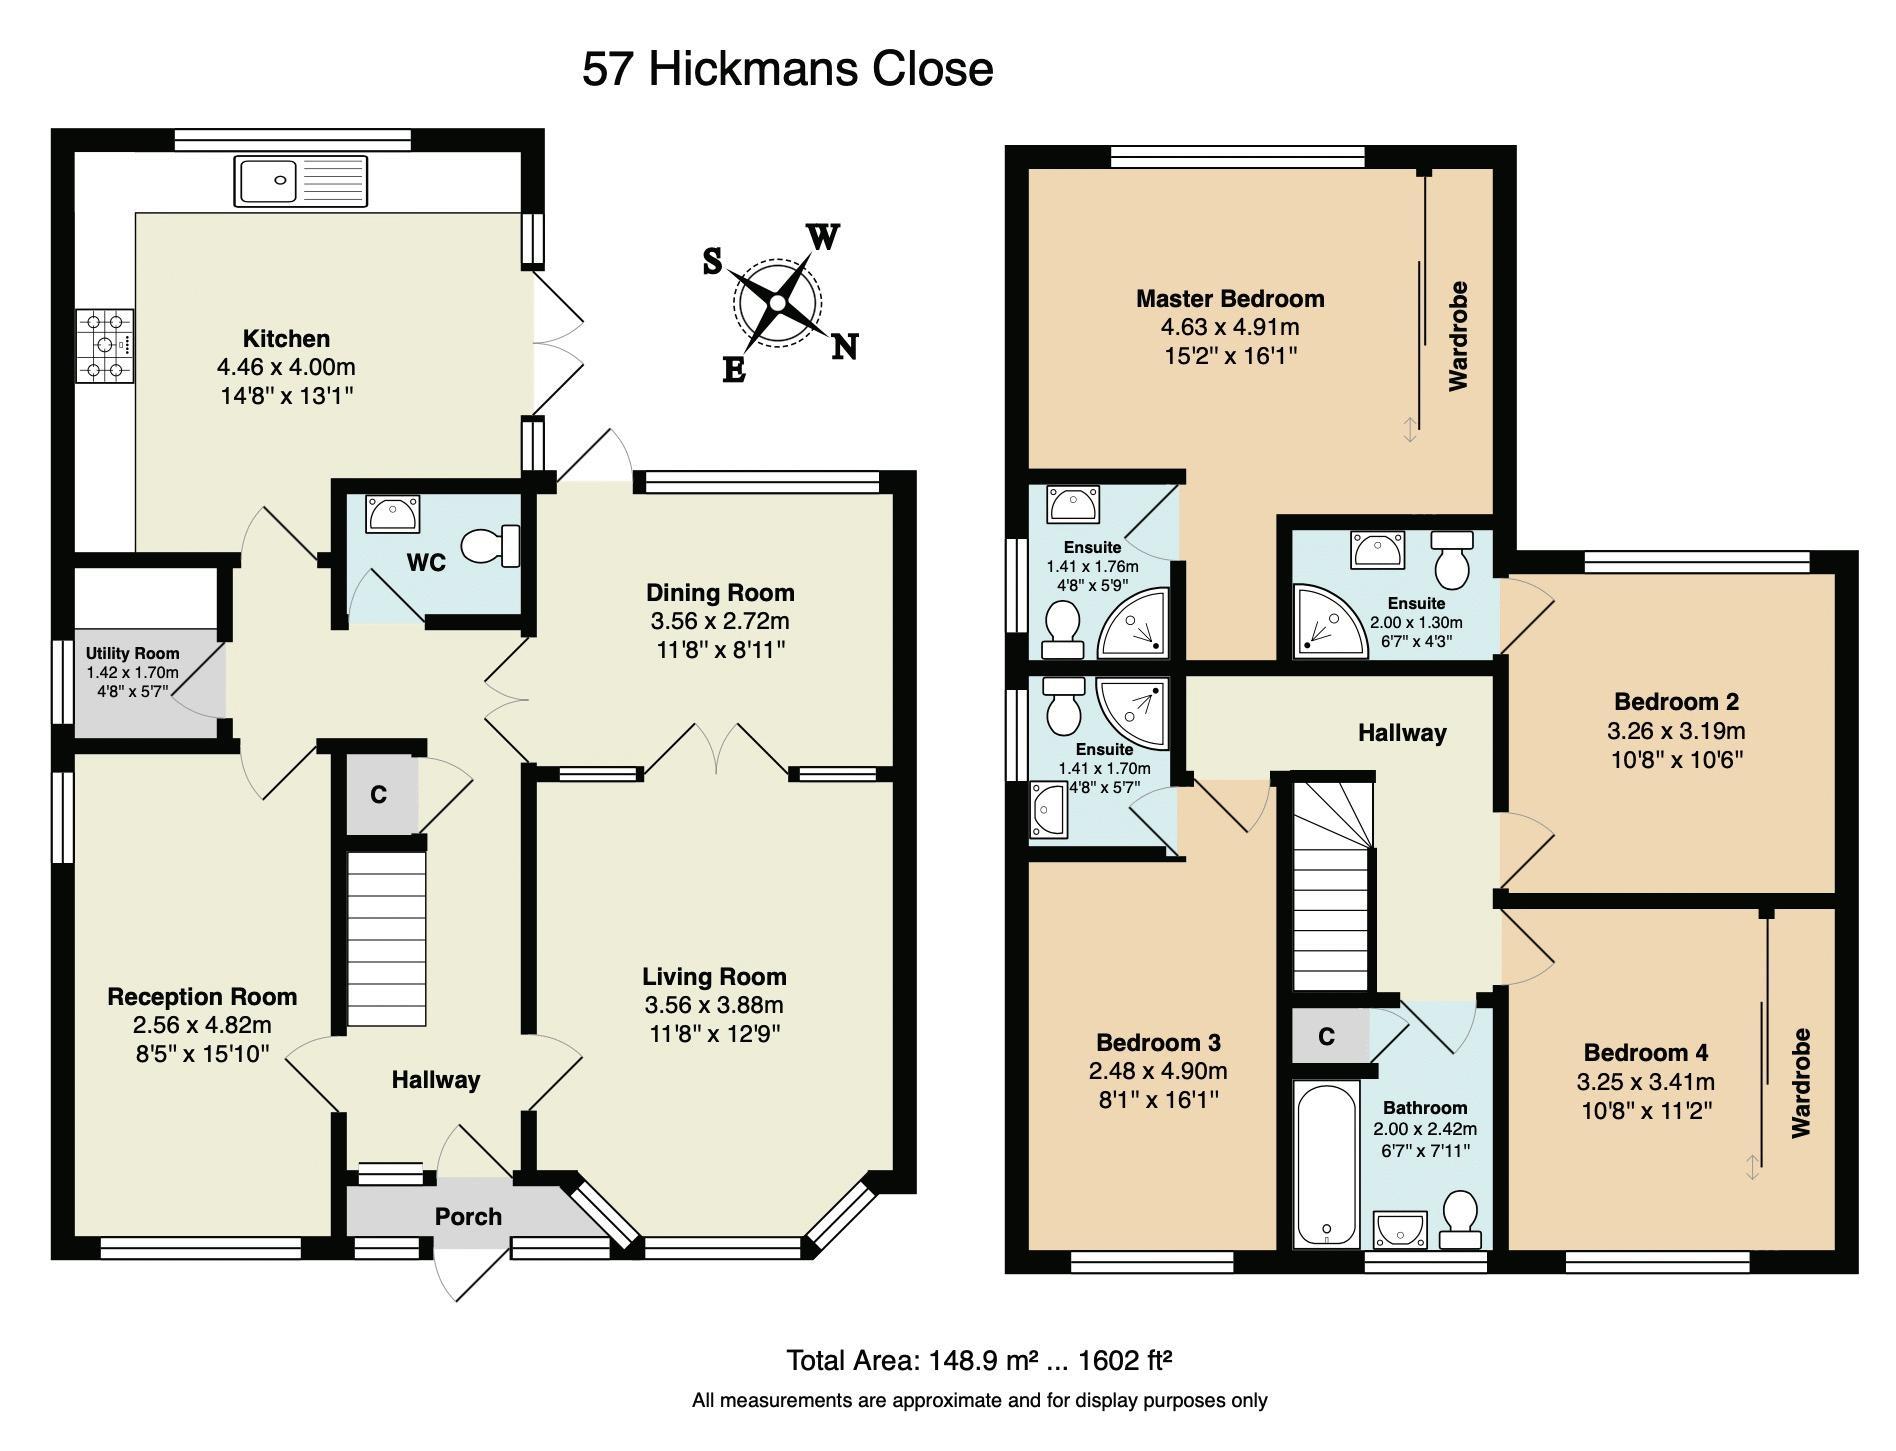 Hickmans Close